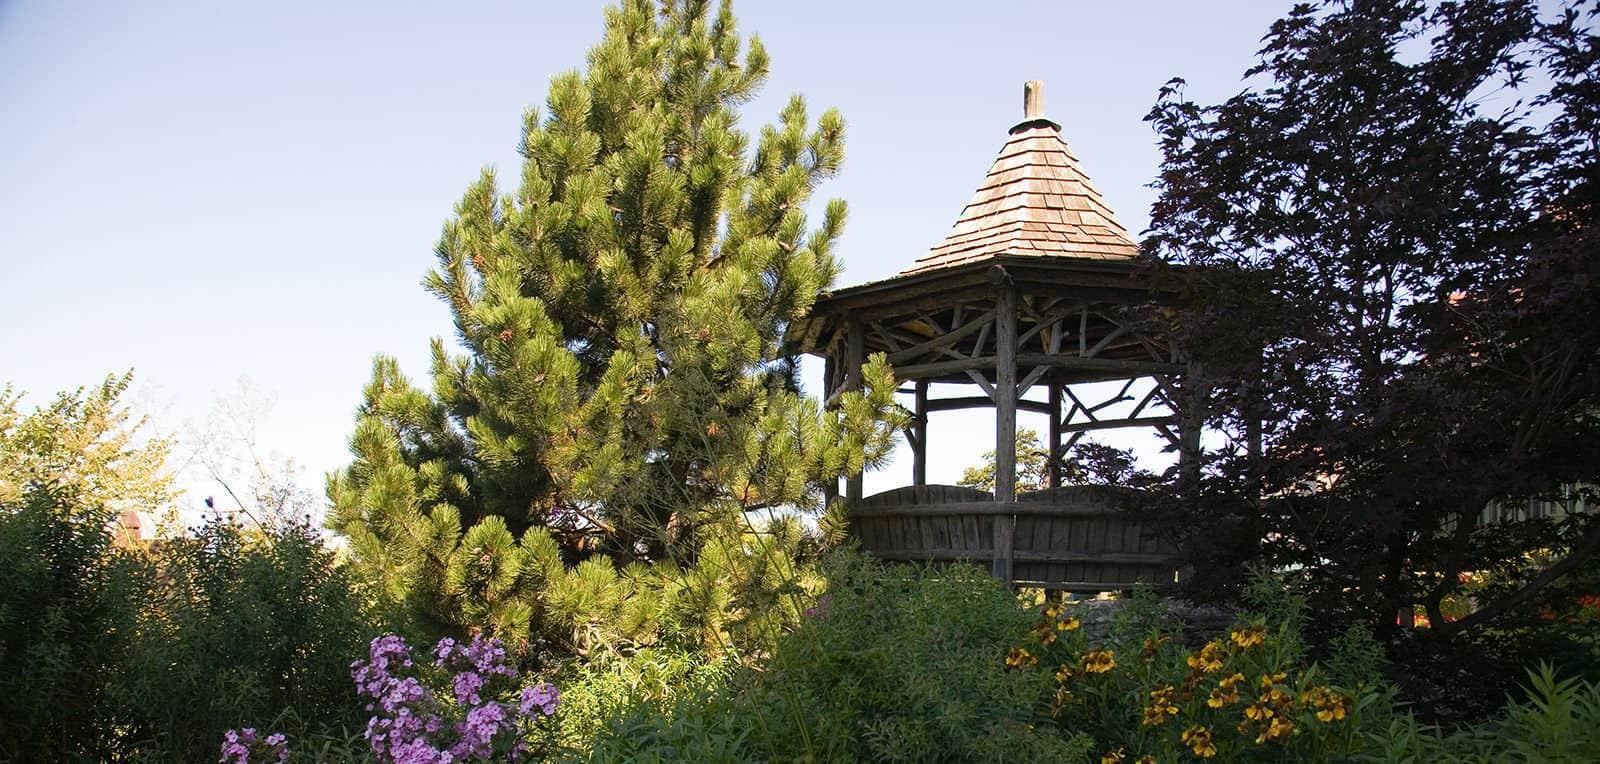 Mountain House - Gardens - Mohonk